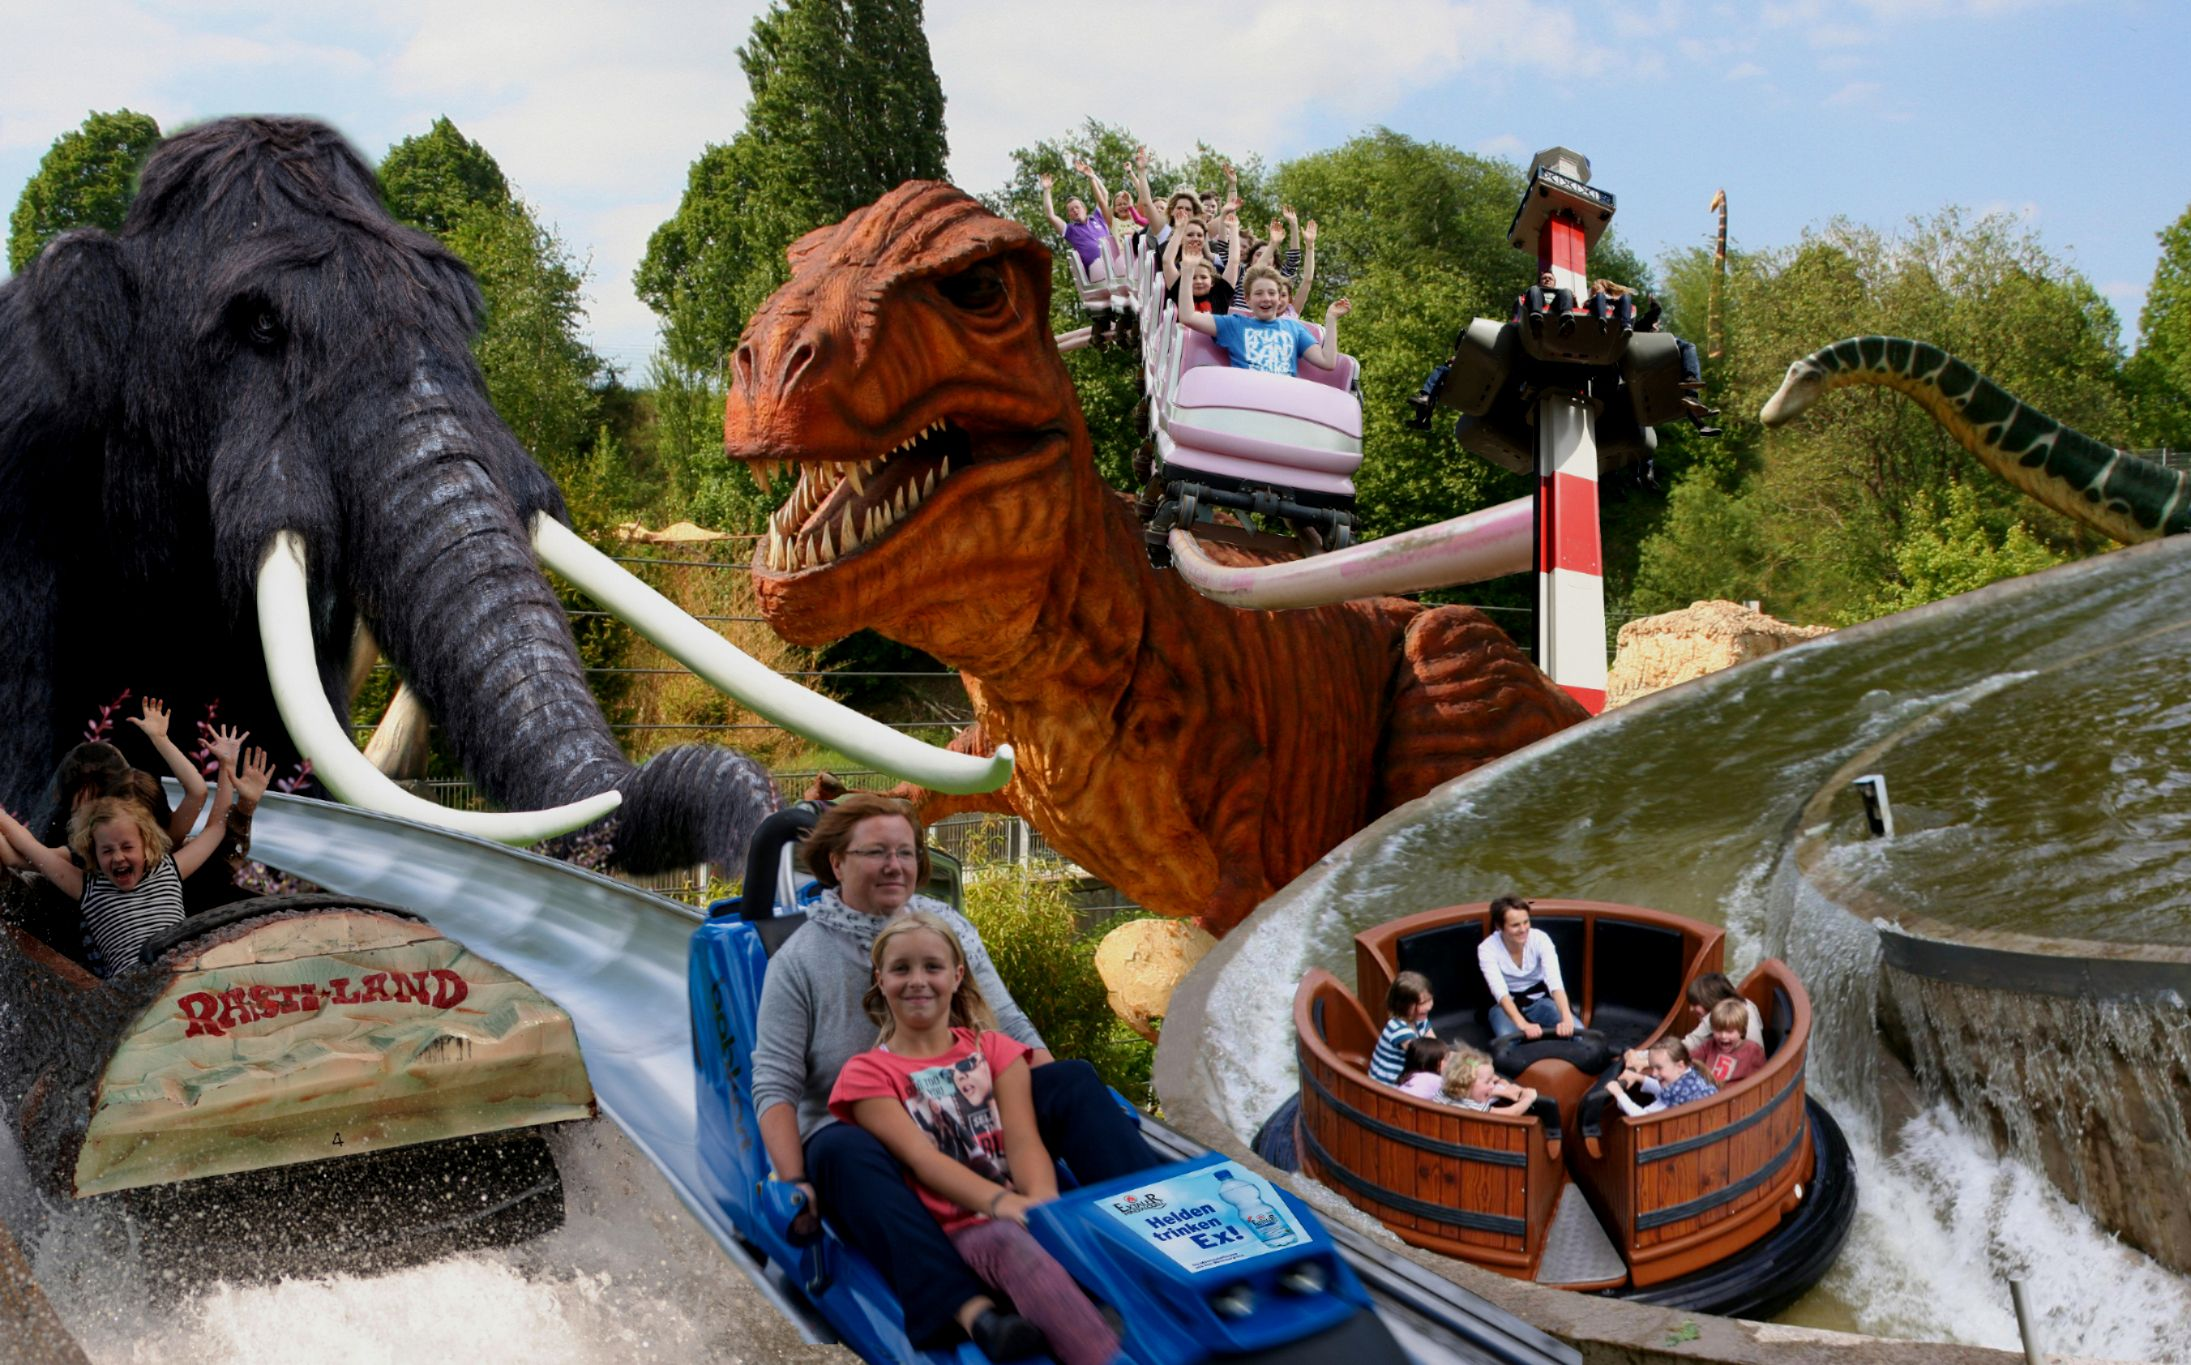 Freizeit- und Erlebnispark Rasti-Land Salzhemmendorf-Benstorf